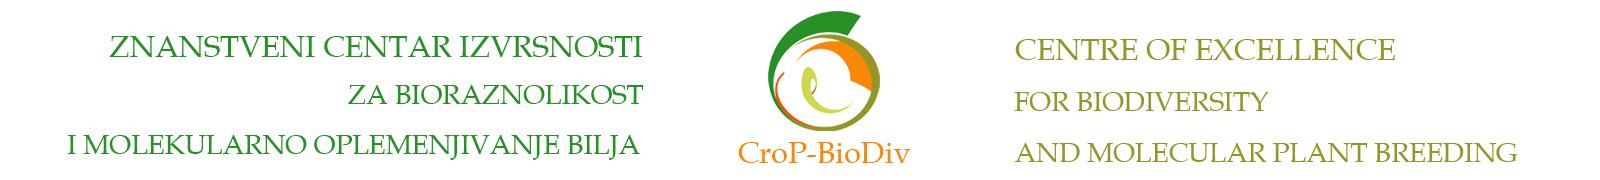 Znanstveni centar izvrsnosti za bioraznolikost i molekularno oplemenjivanje bilja Logo